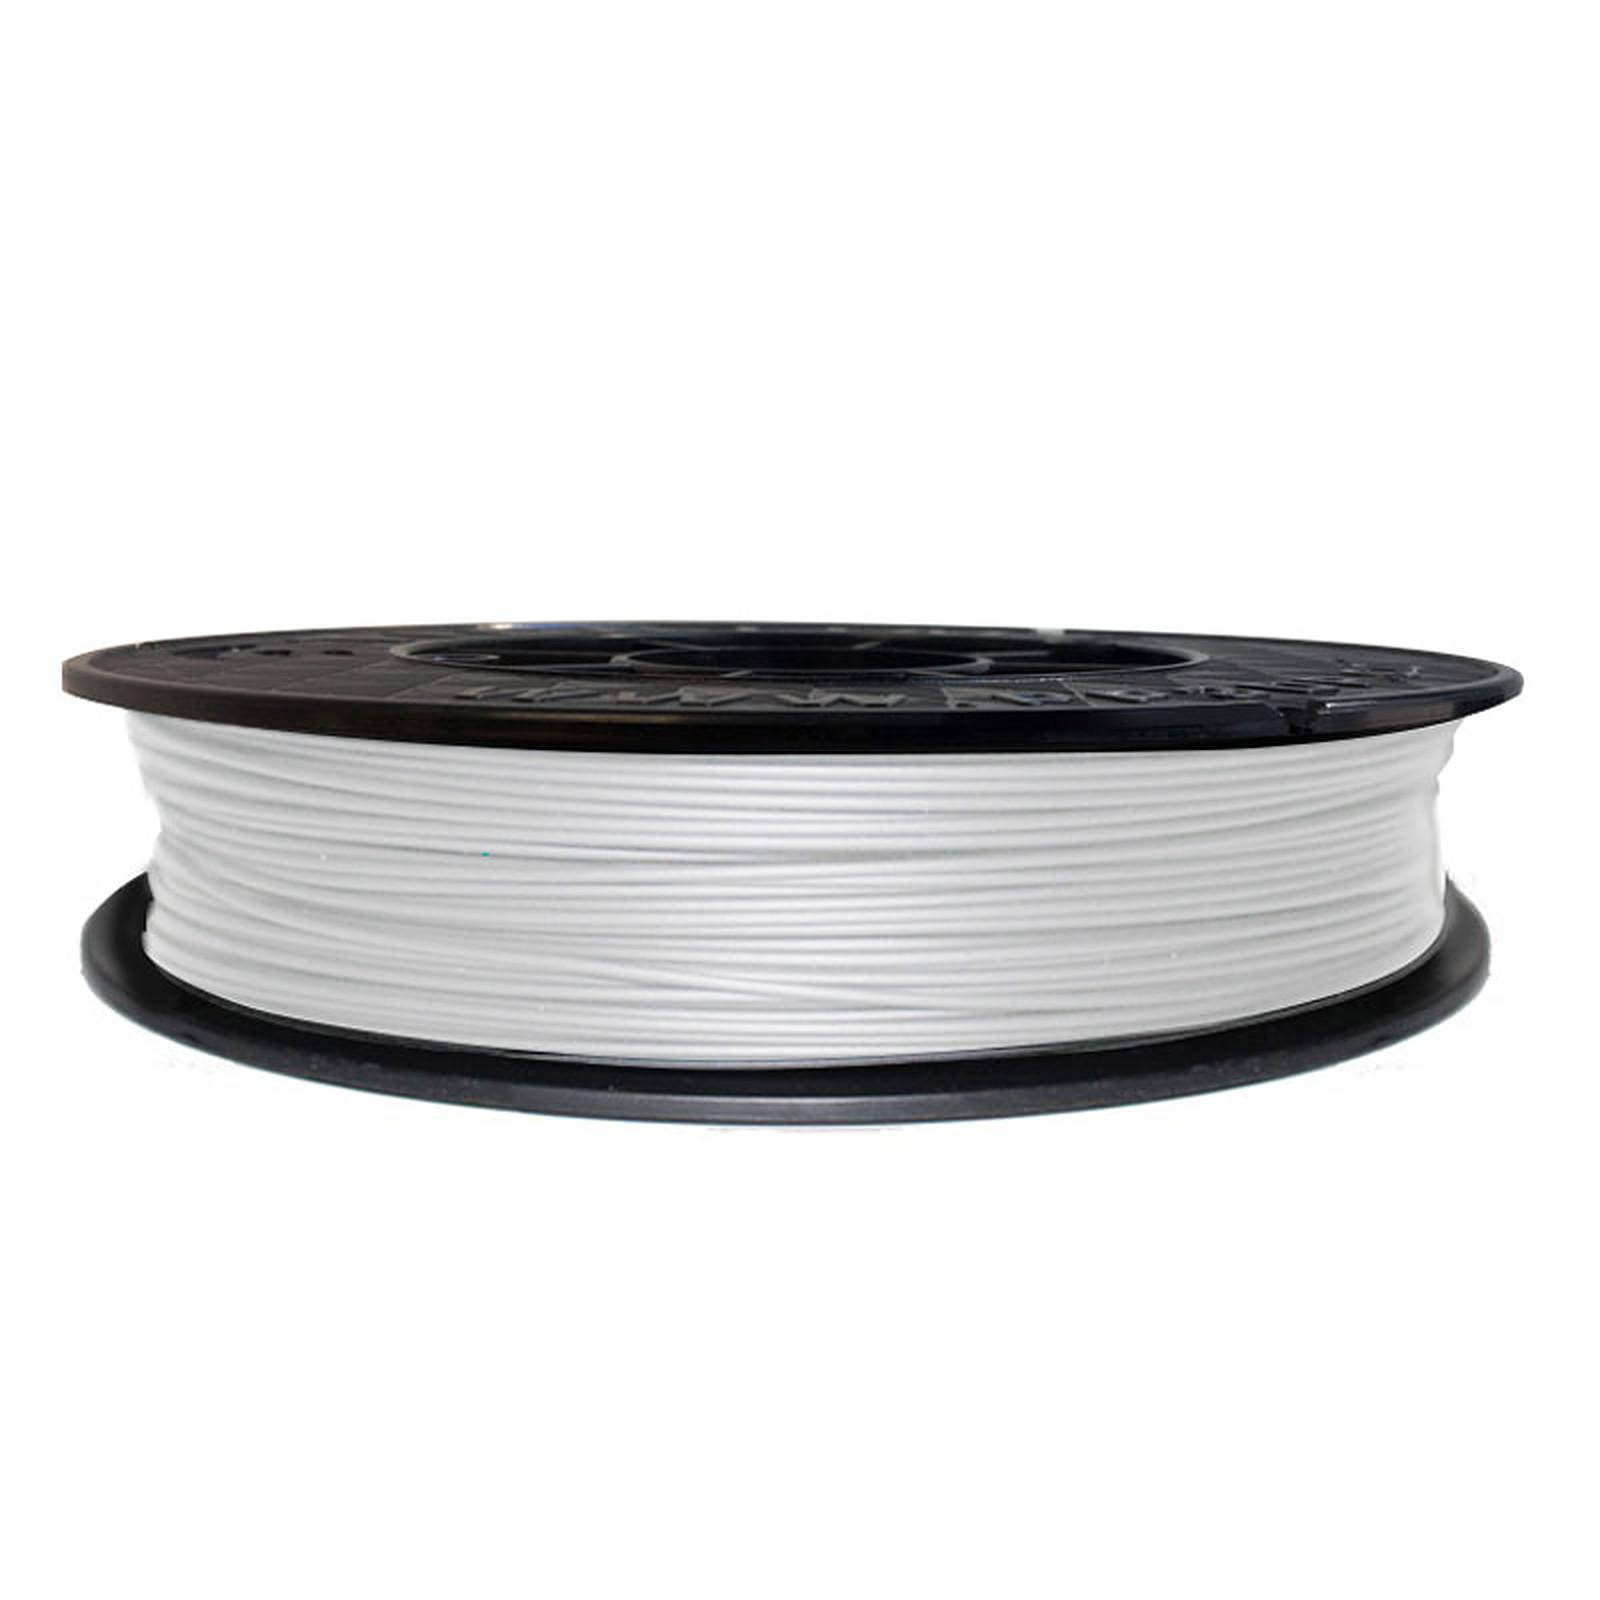 PP3DP Filament ABS UP! 500g pour imprimante 3D - Blanc